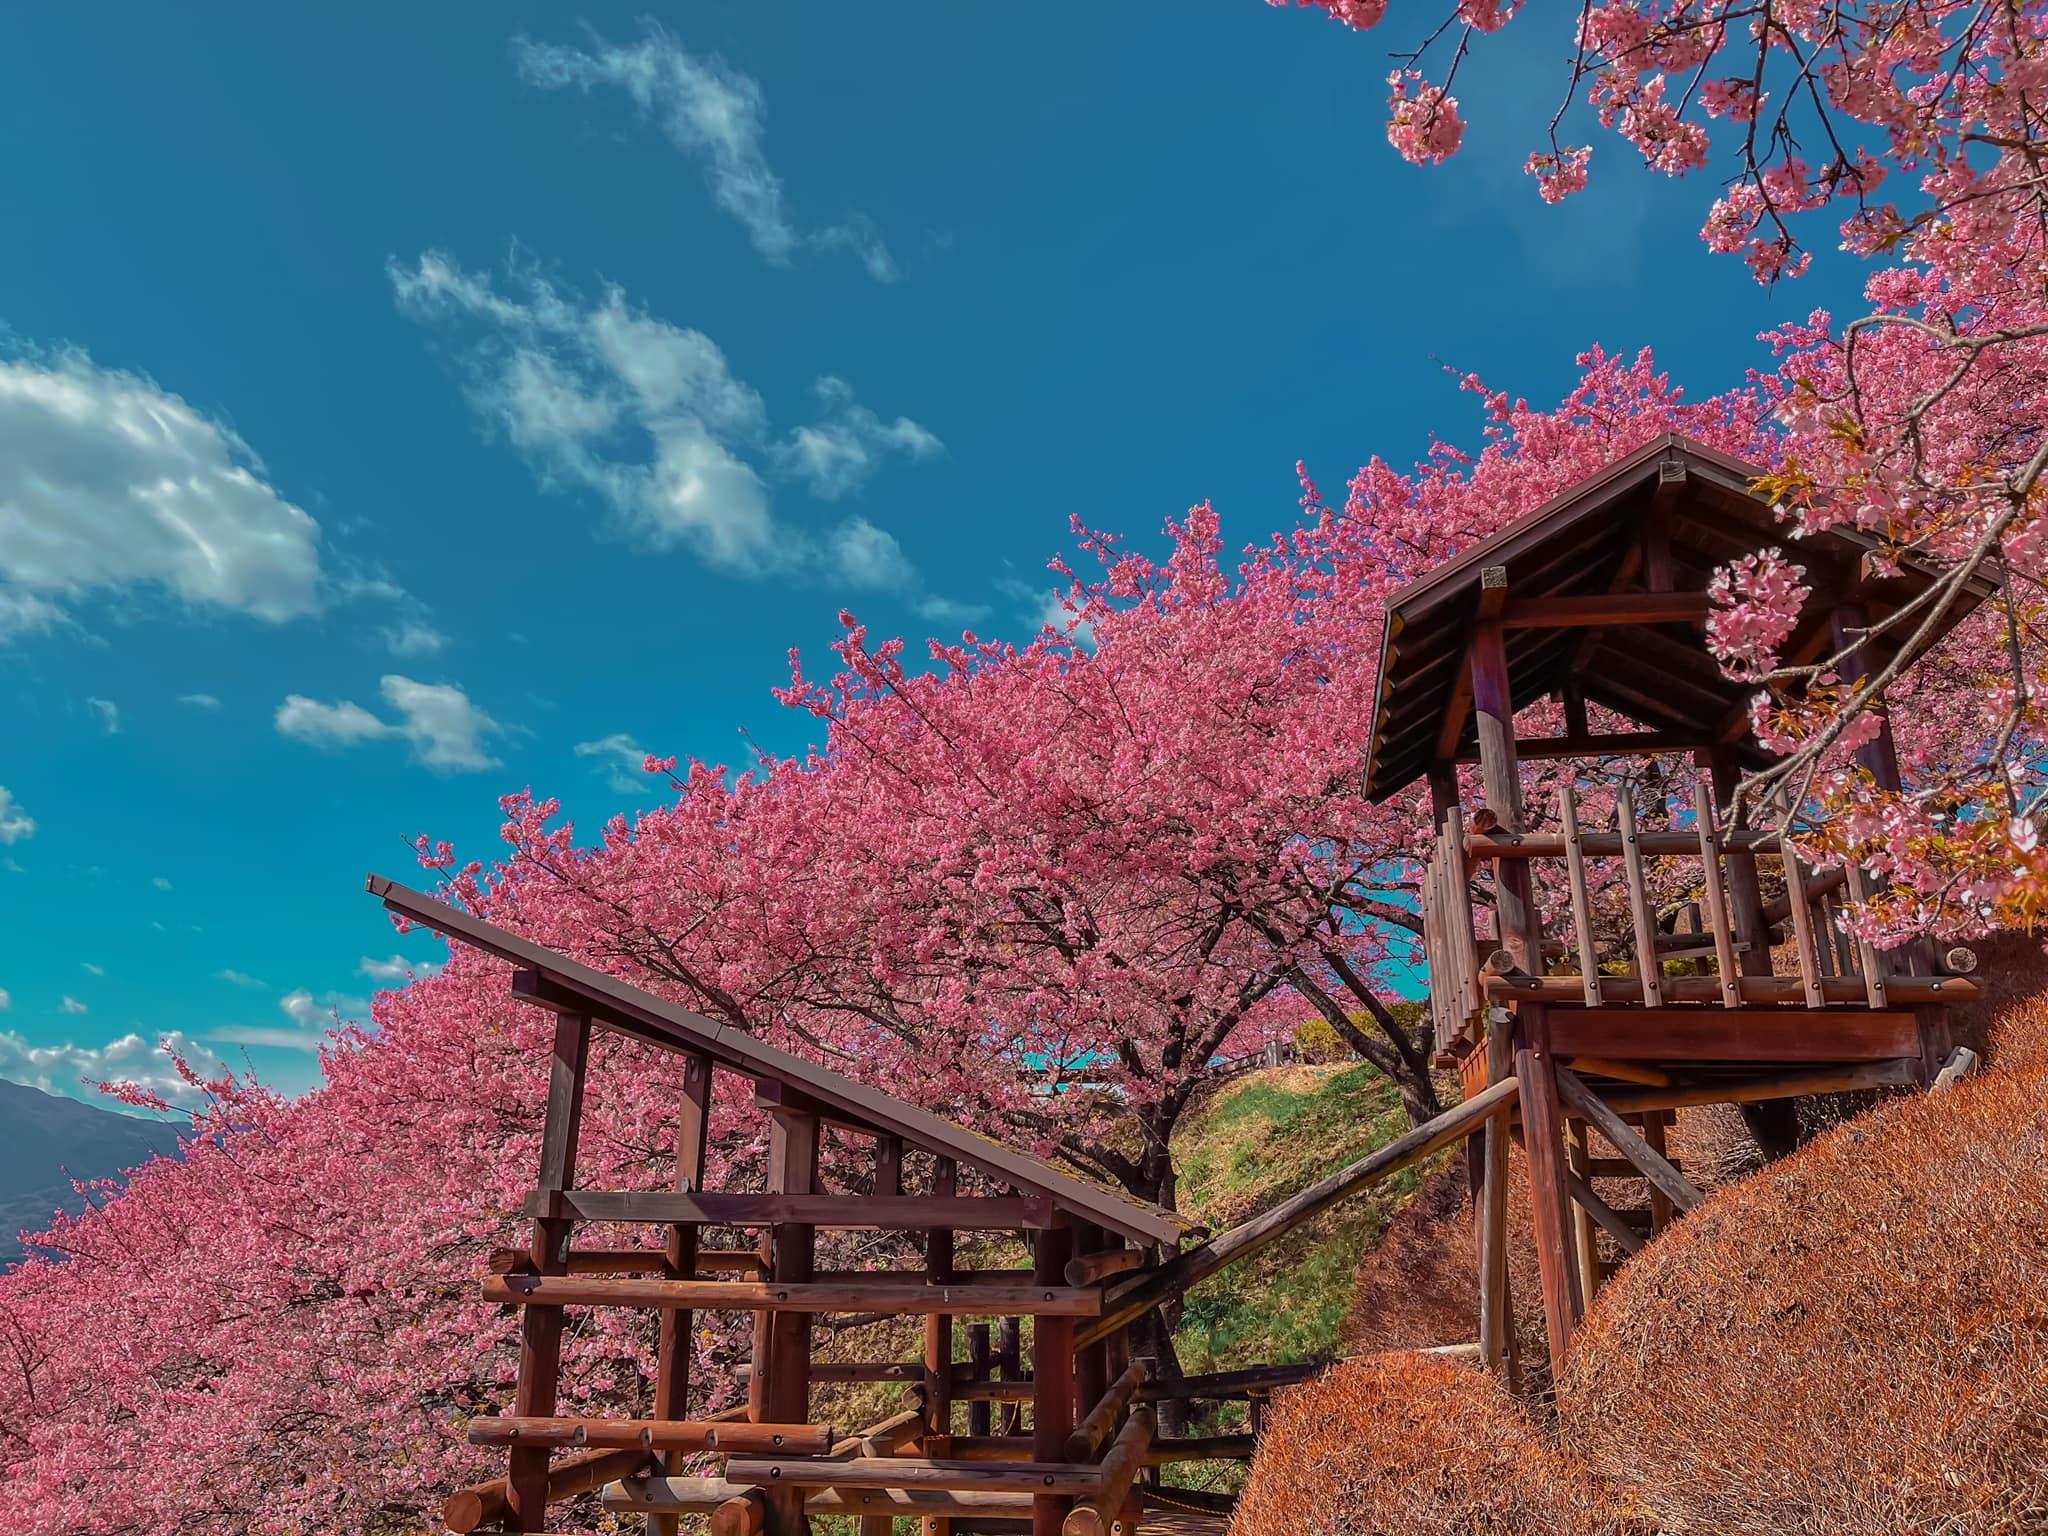 Đi du lịch Nhật Bản vào mùa nào thì đẹp nhất? Đó chính là mùa xuân và những đóa anh đào nở rộ